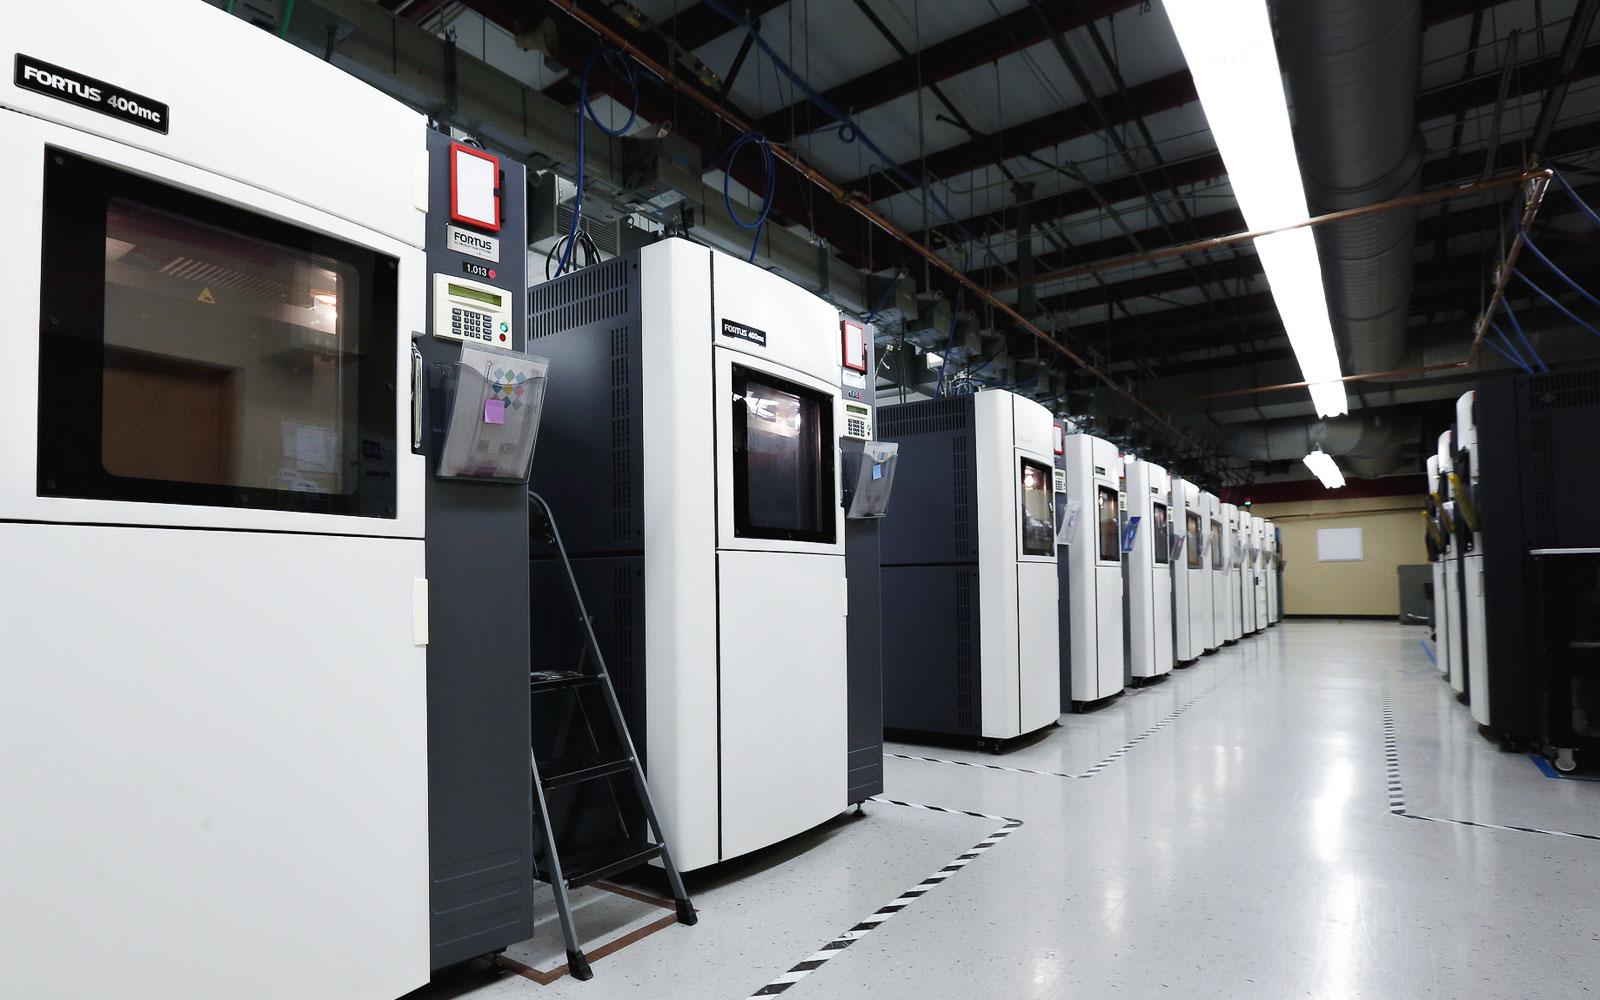 یک خط تولید با پرینترهای سه بعدی صنعتی FDM (تصویر متعلق به شرکت Stratasys است.)